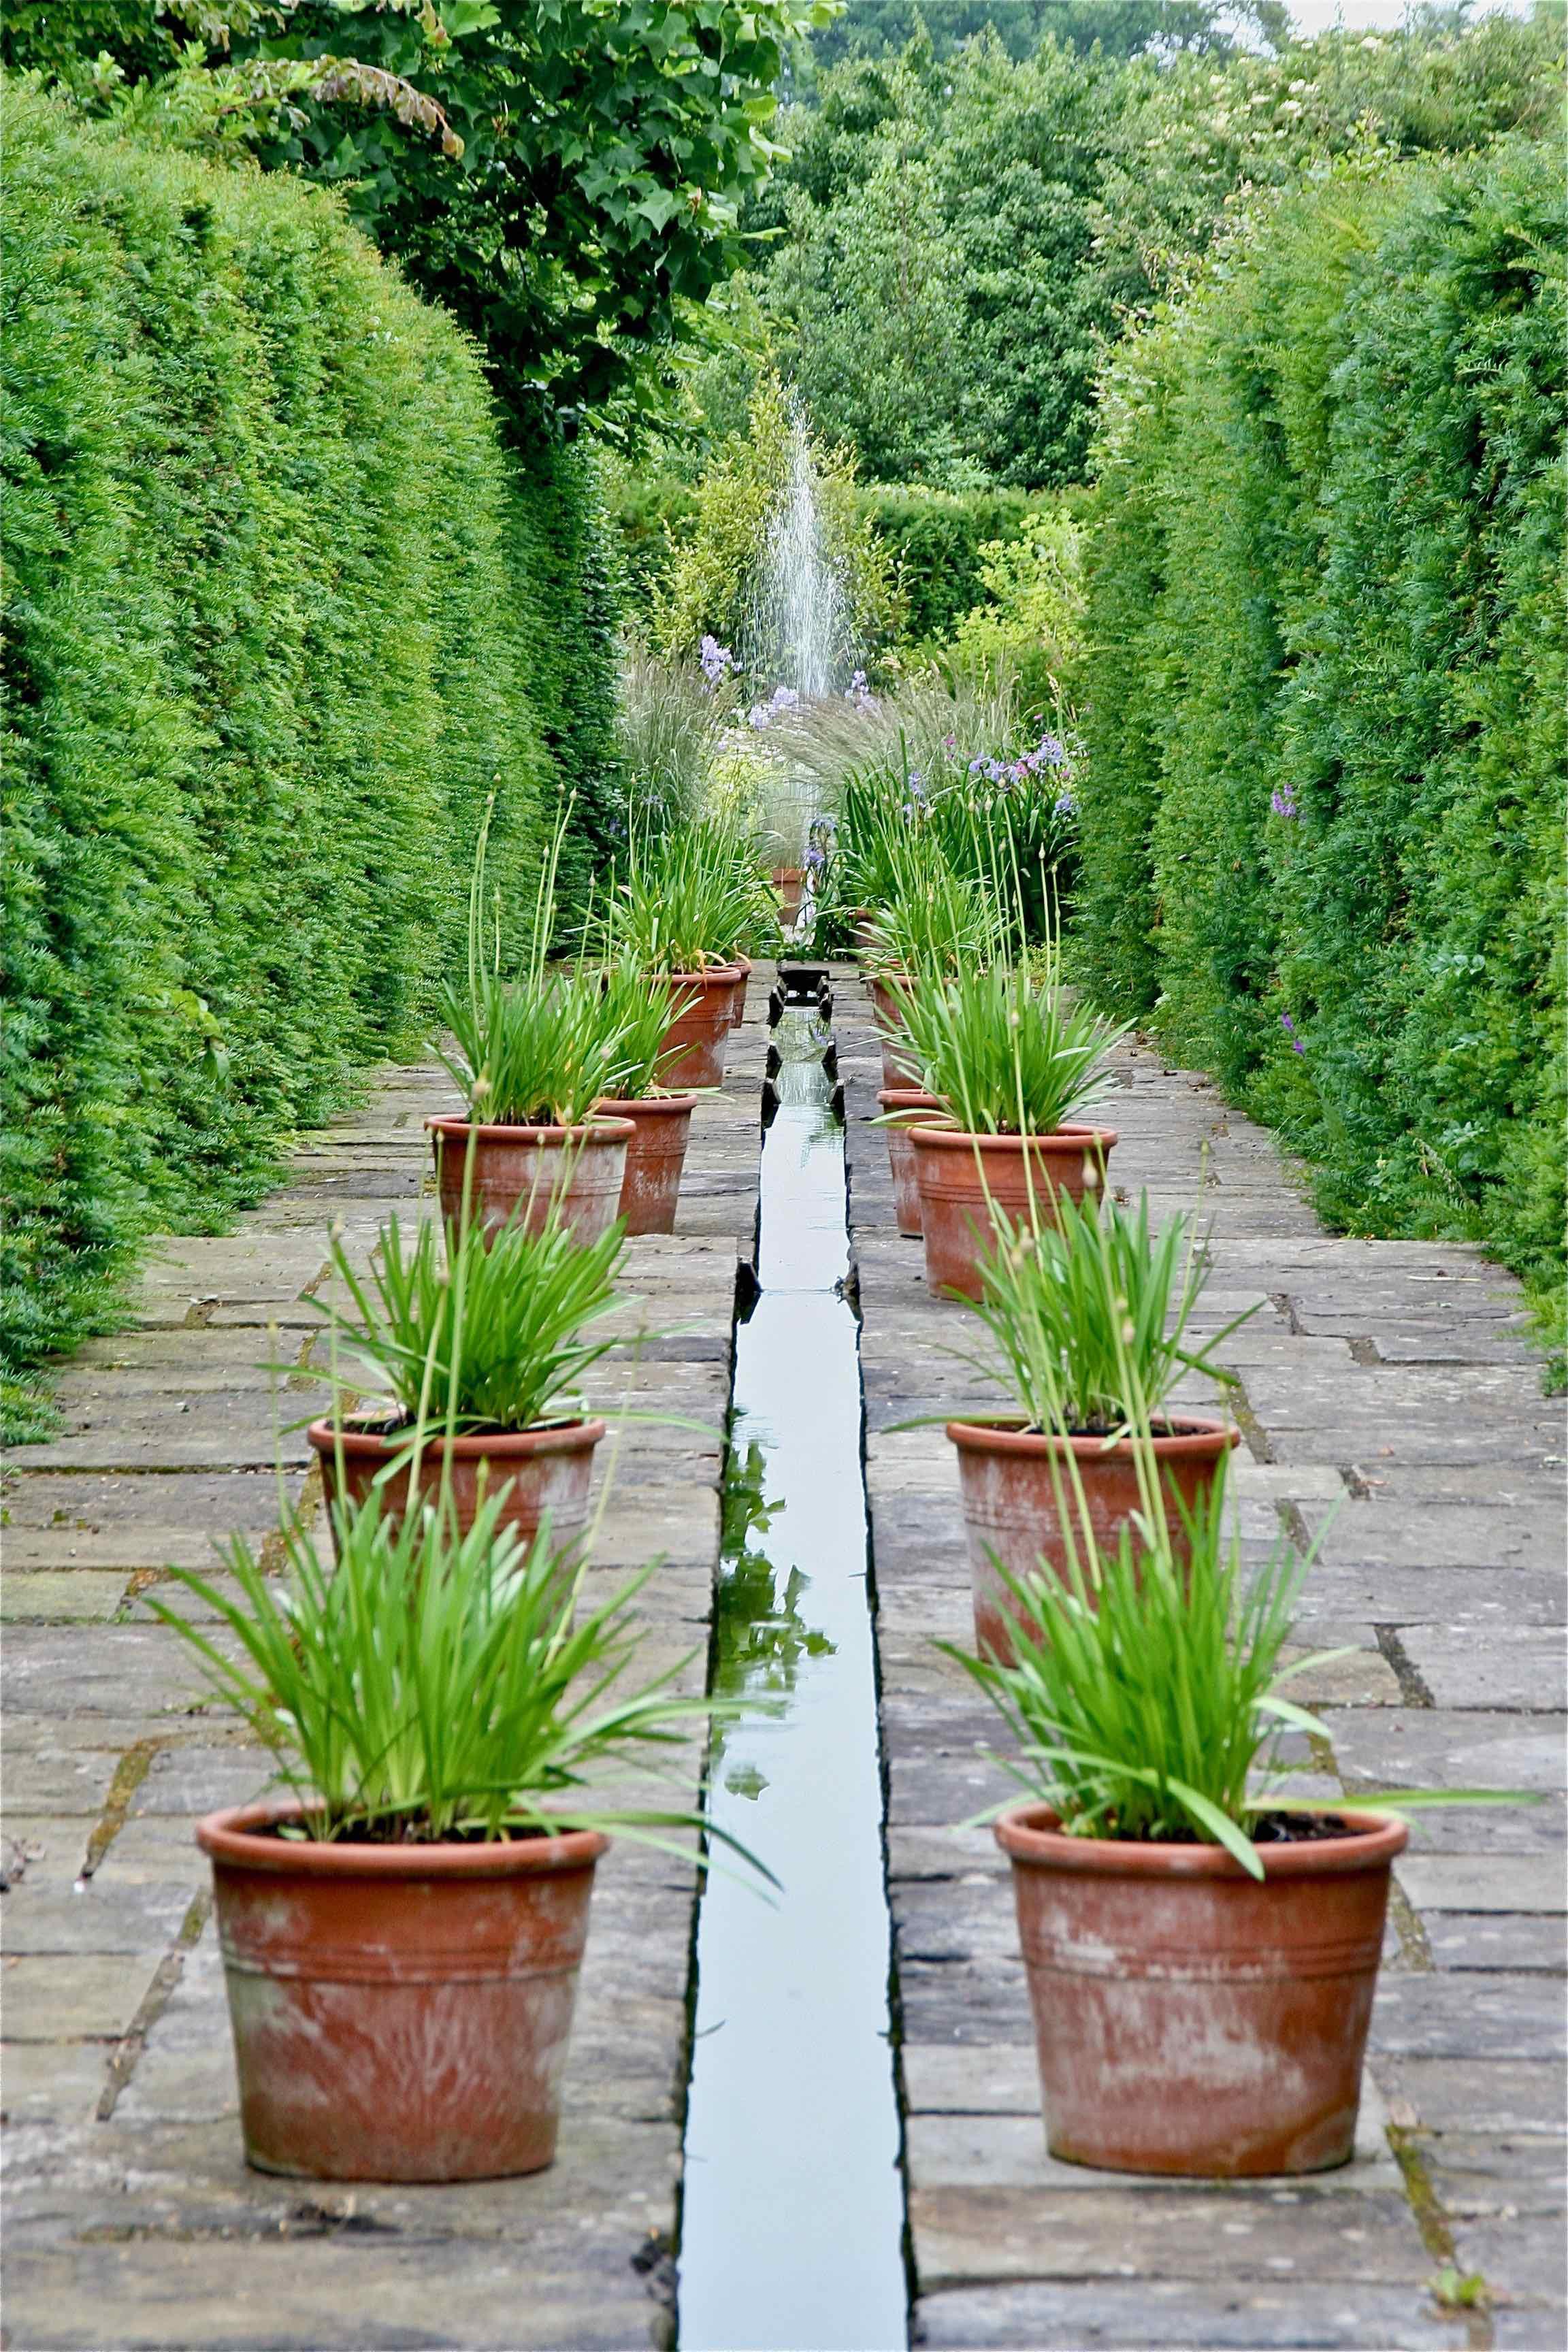 Bryan's Ground Garden, Wales